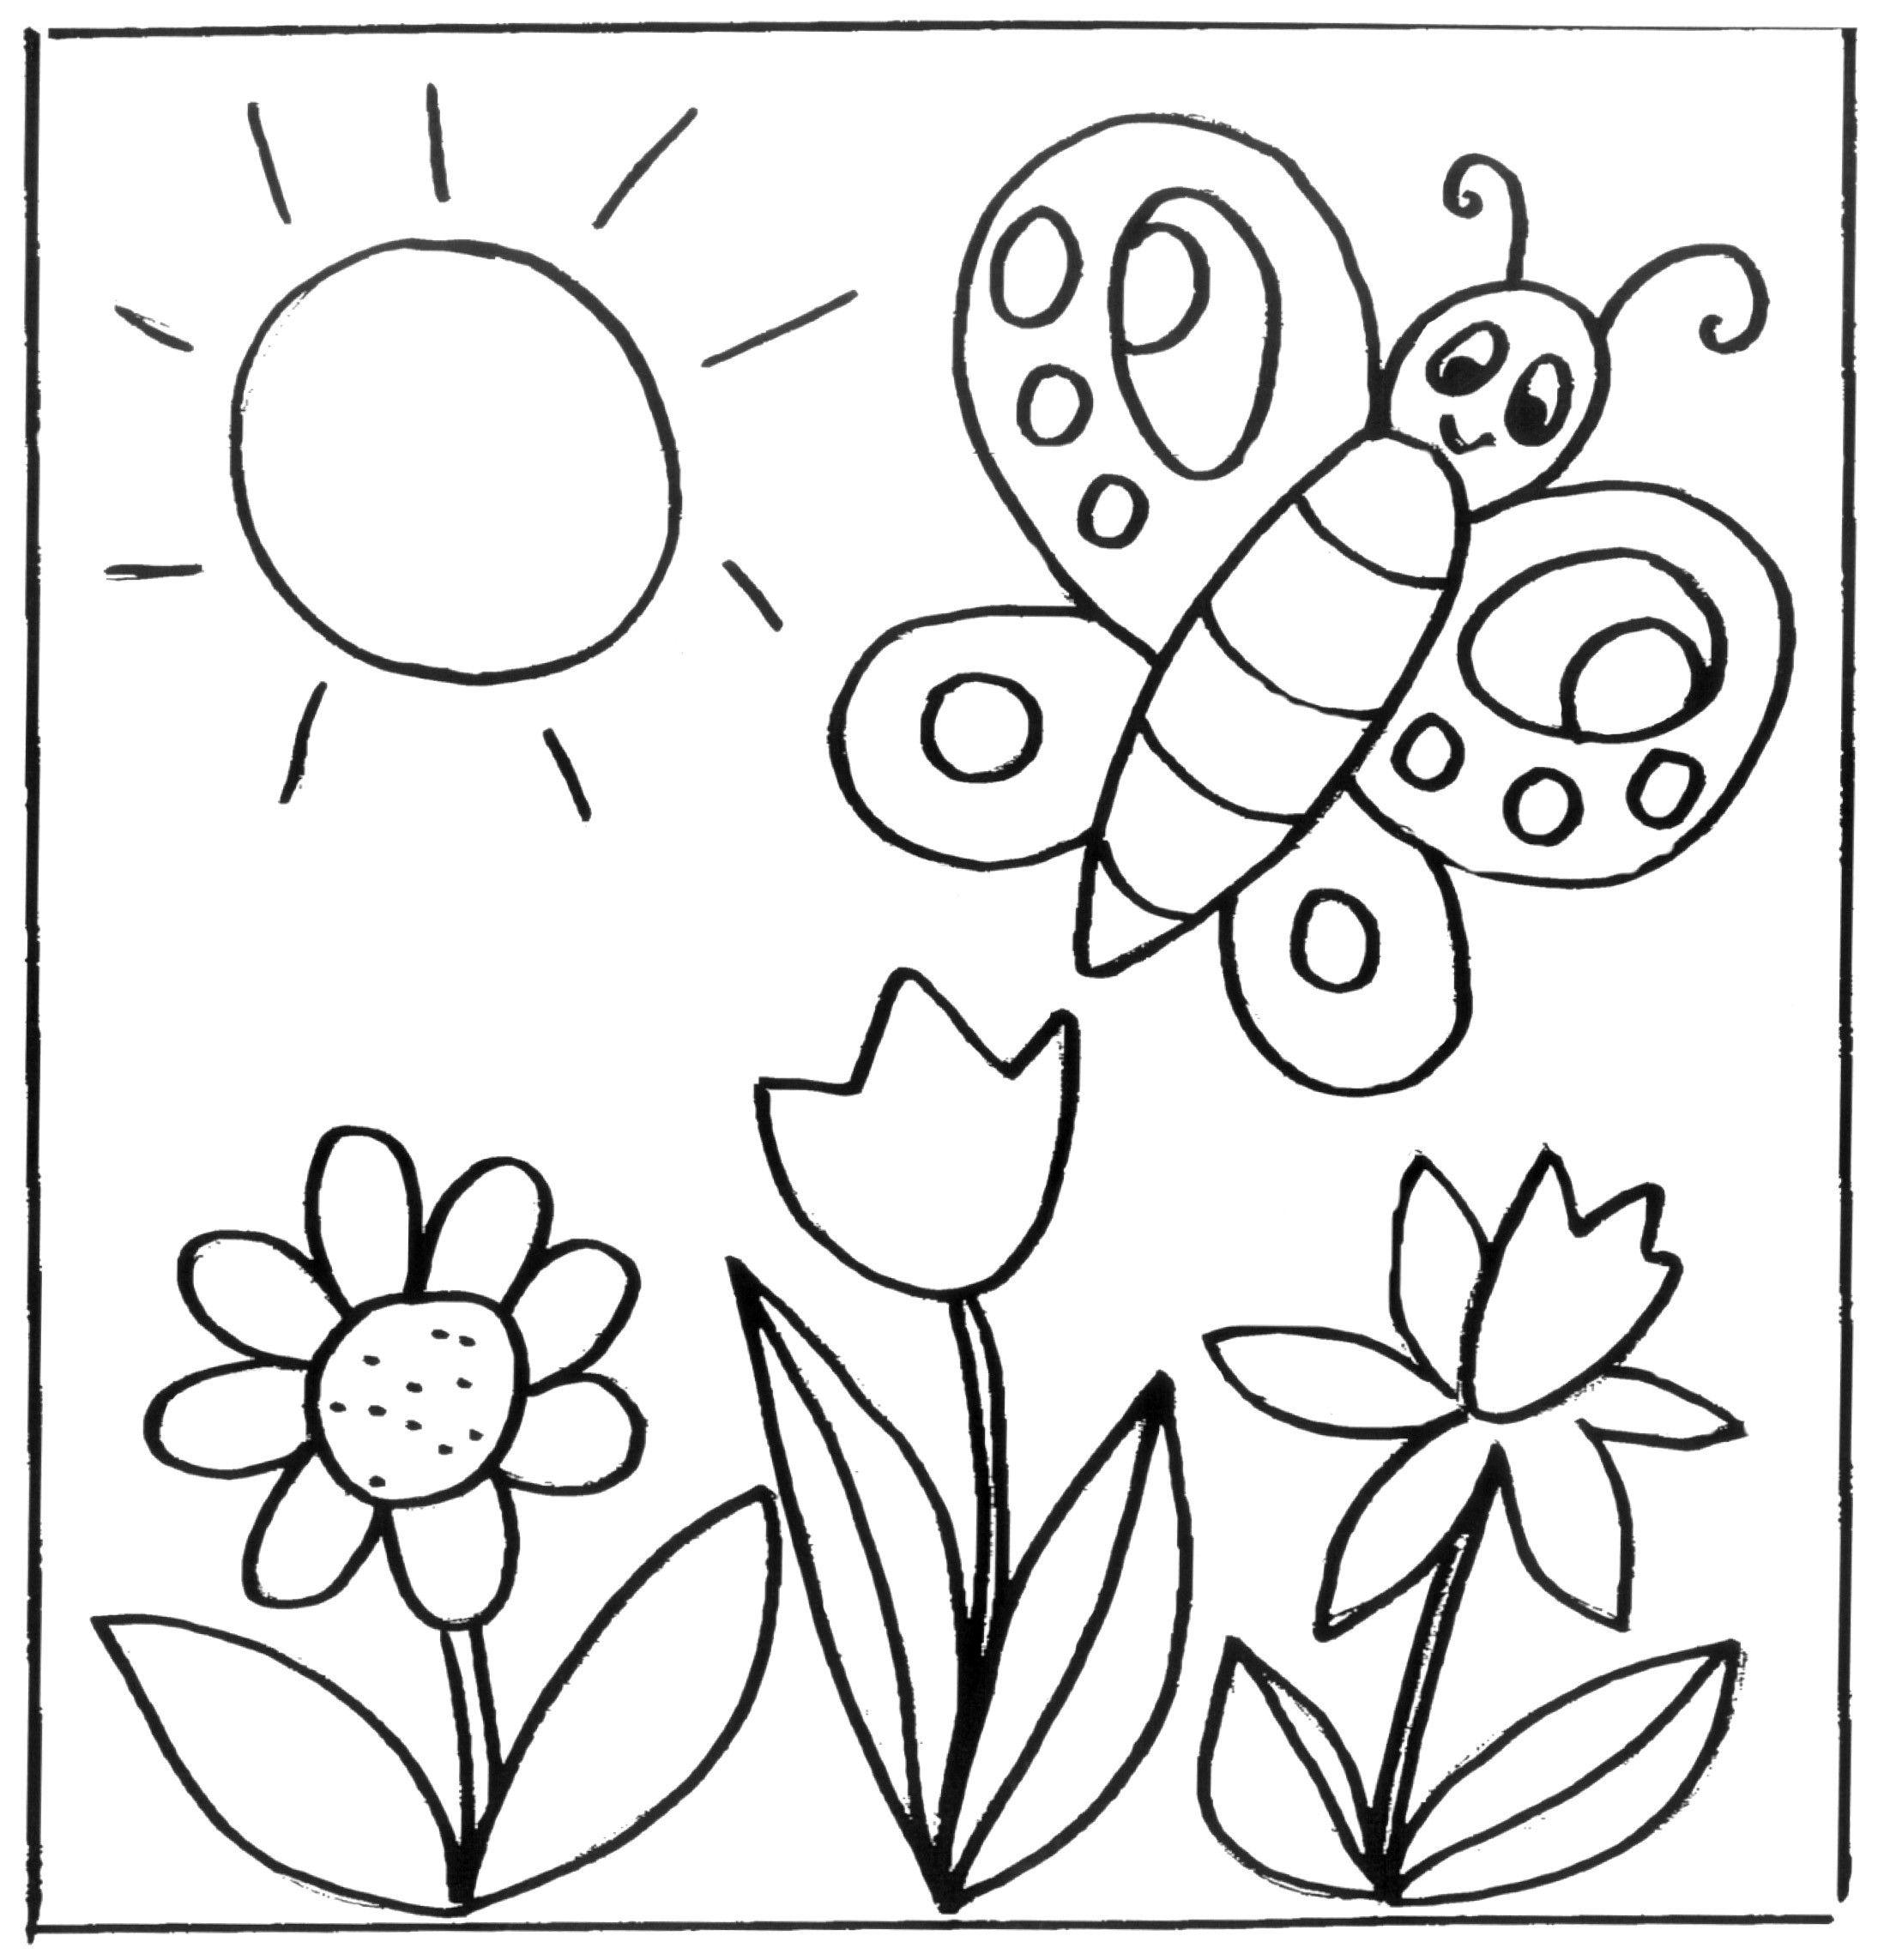 Die 20 Besten Ideen Fur Blume Ausmalbilder Beste Wohnkultur Bastelideen Coloring Und Frisur Inspiration Blumen Ausmalbilder Ausmalbilder Kostenlose Ausmalbilder